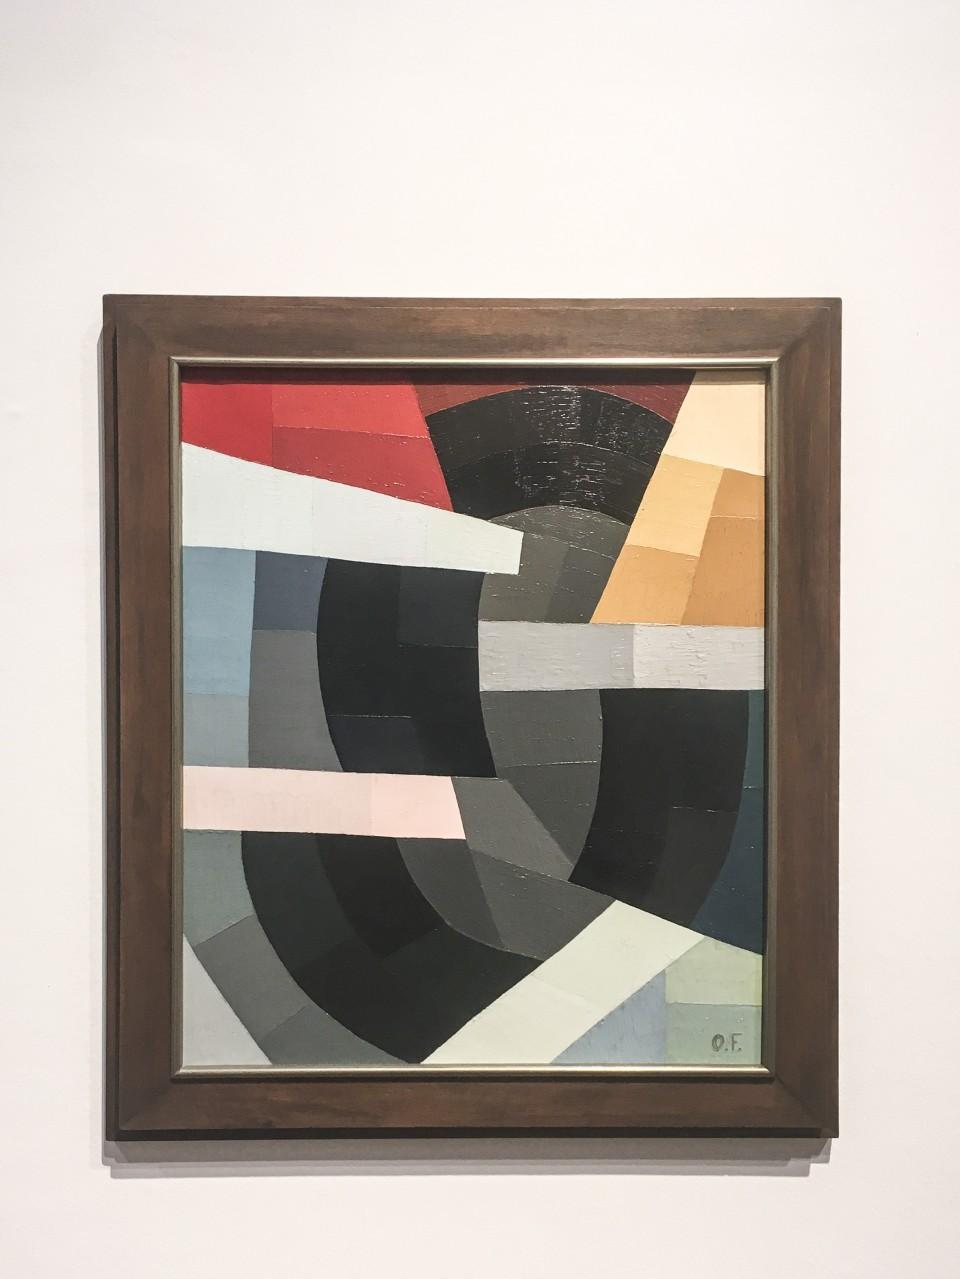 Otto Freundlich, Komposition, 1937, Photo © # Horst und Edeltraut